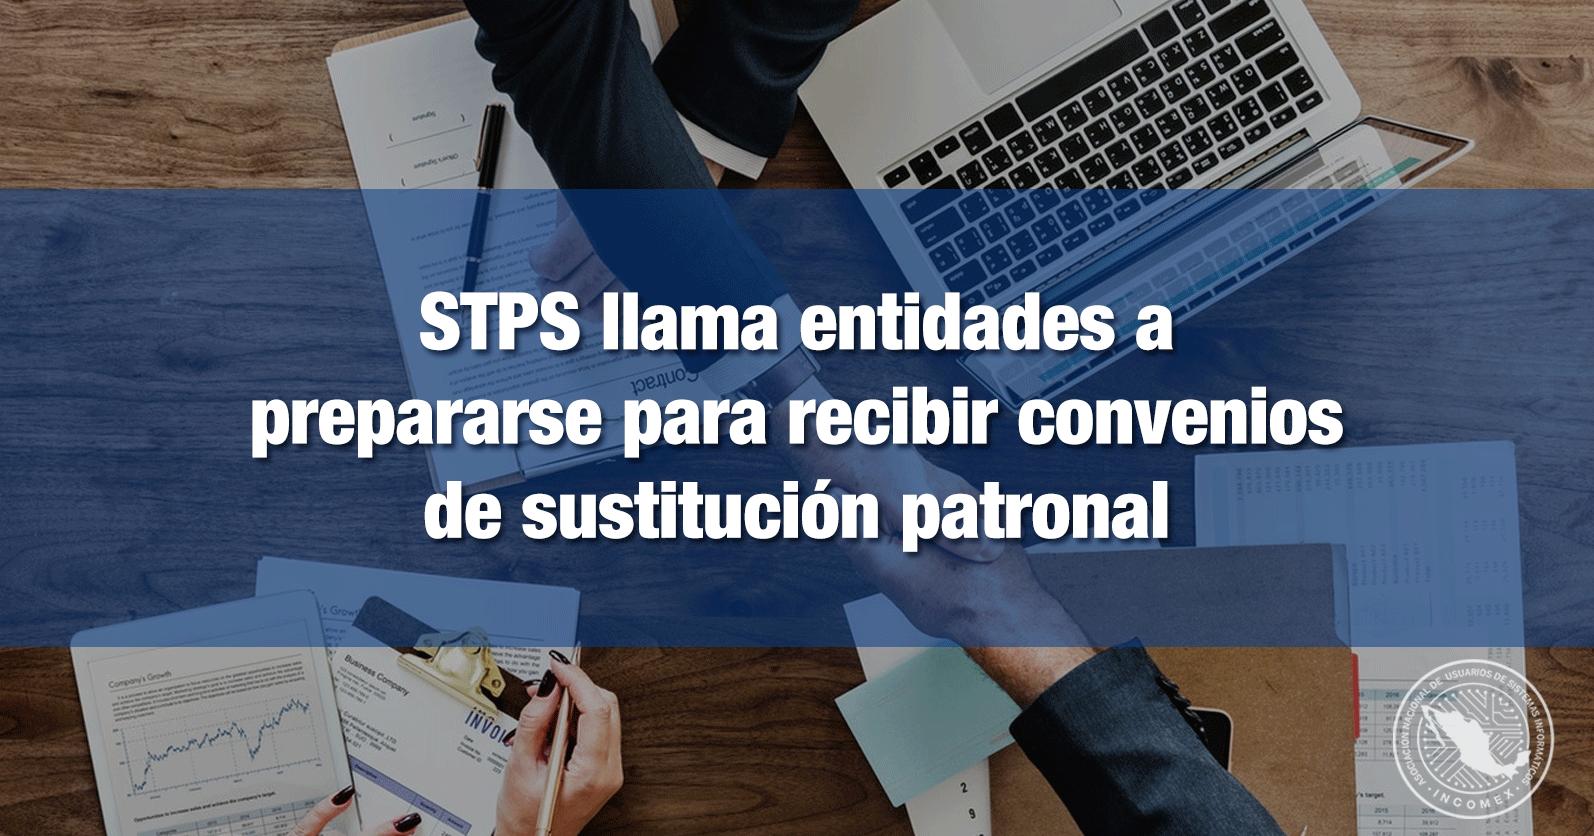 STPS llama entidades a prepararse para recibir convenios de sustitución patronal